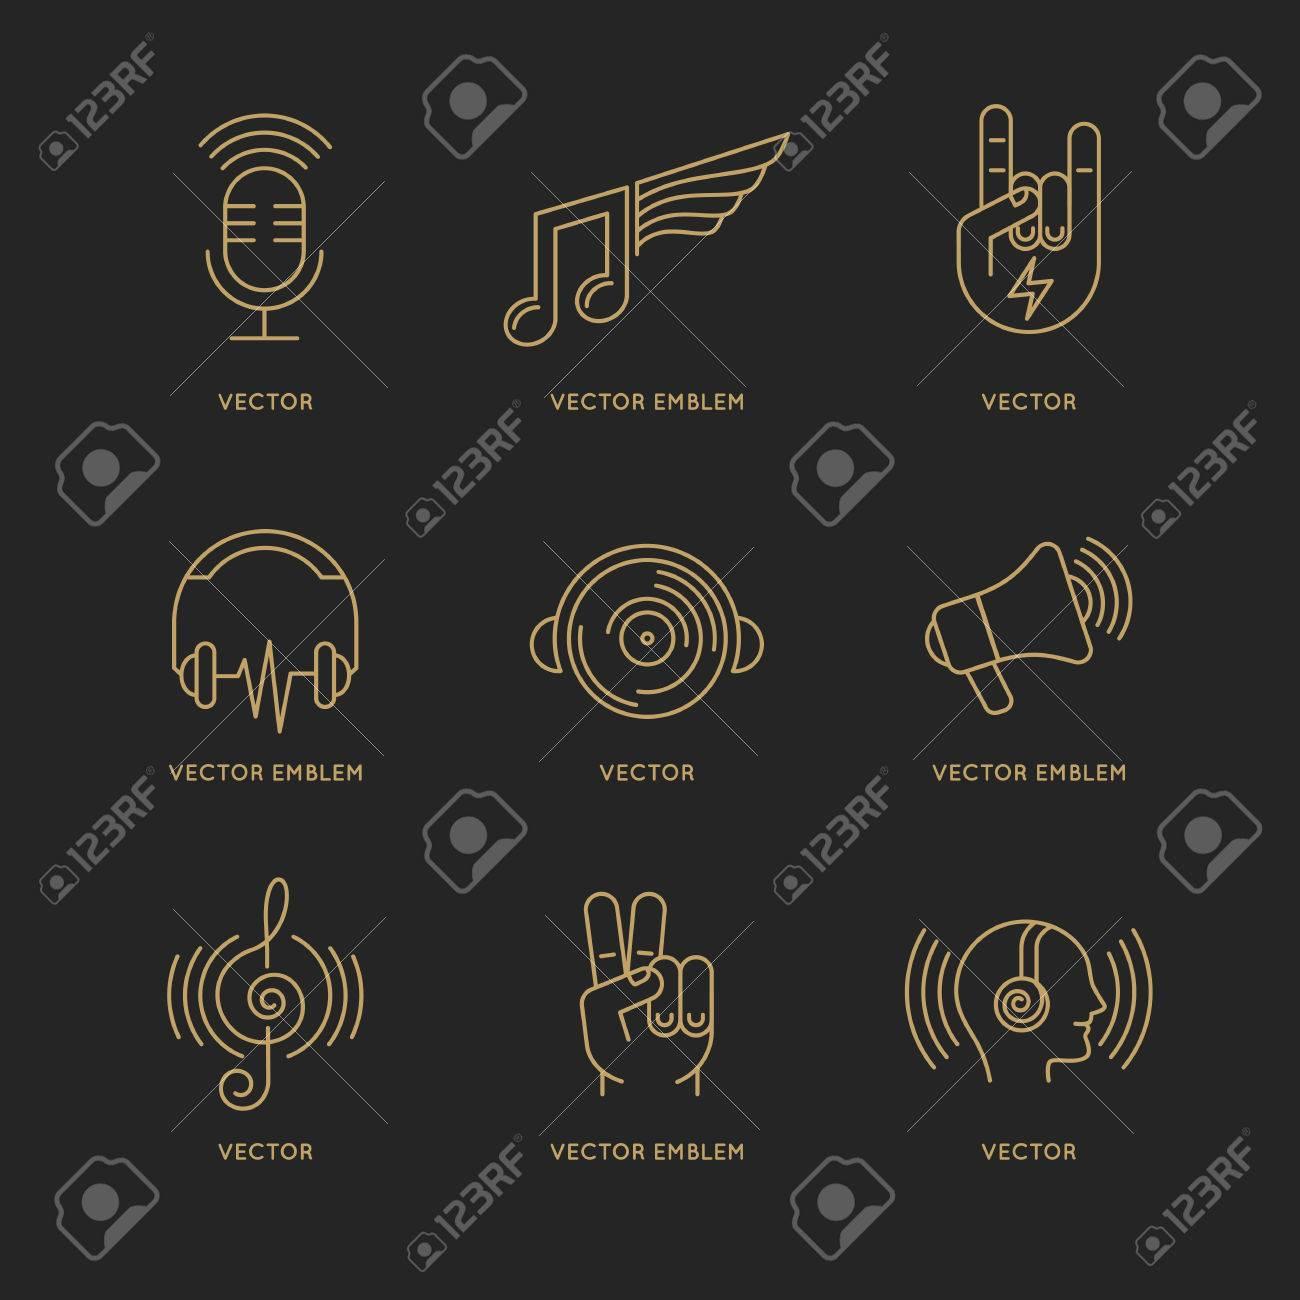 Vector Conjunto De Plantillas De Diseño De Logotipo Y Los Iconos En ...